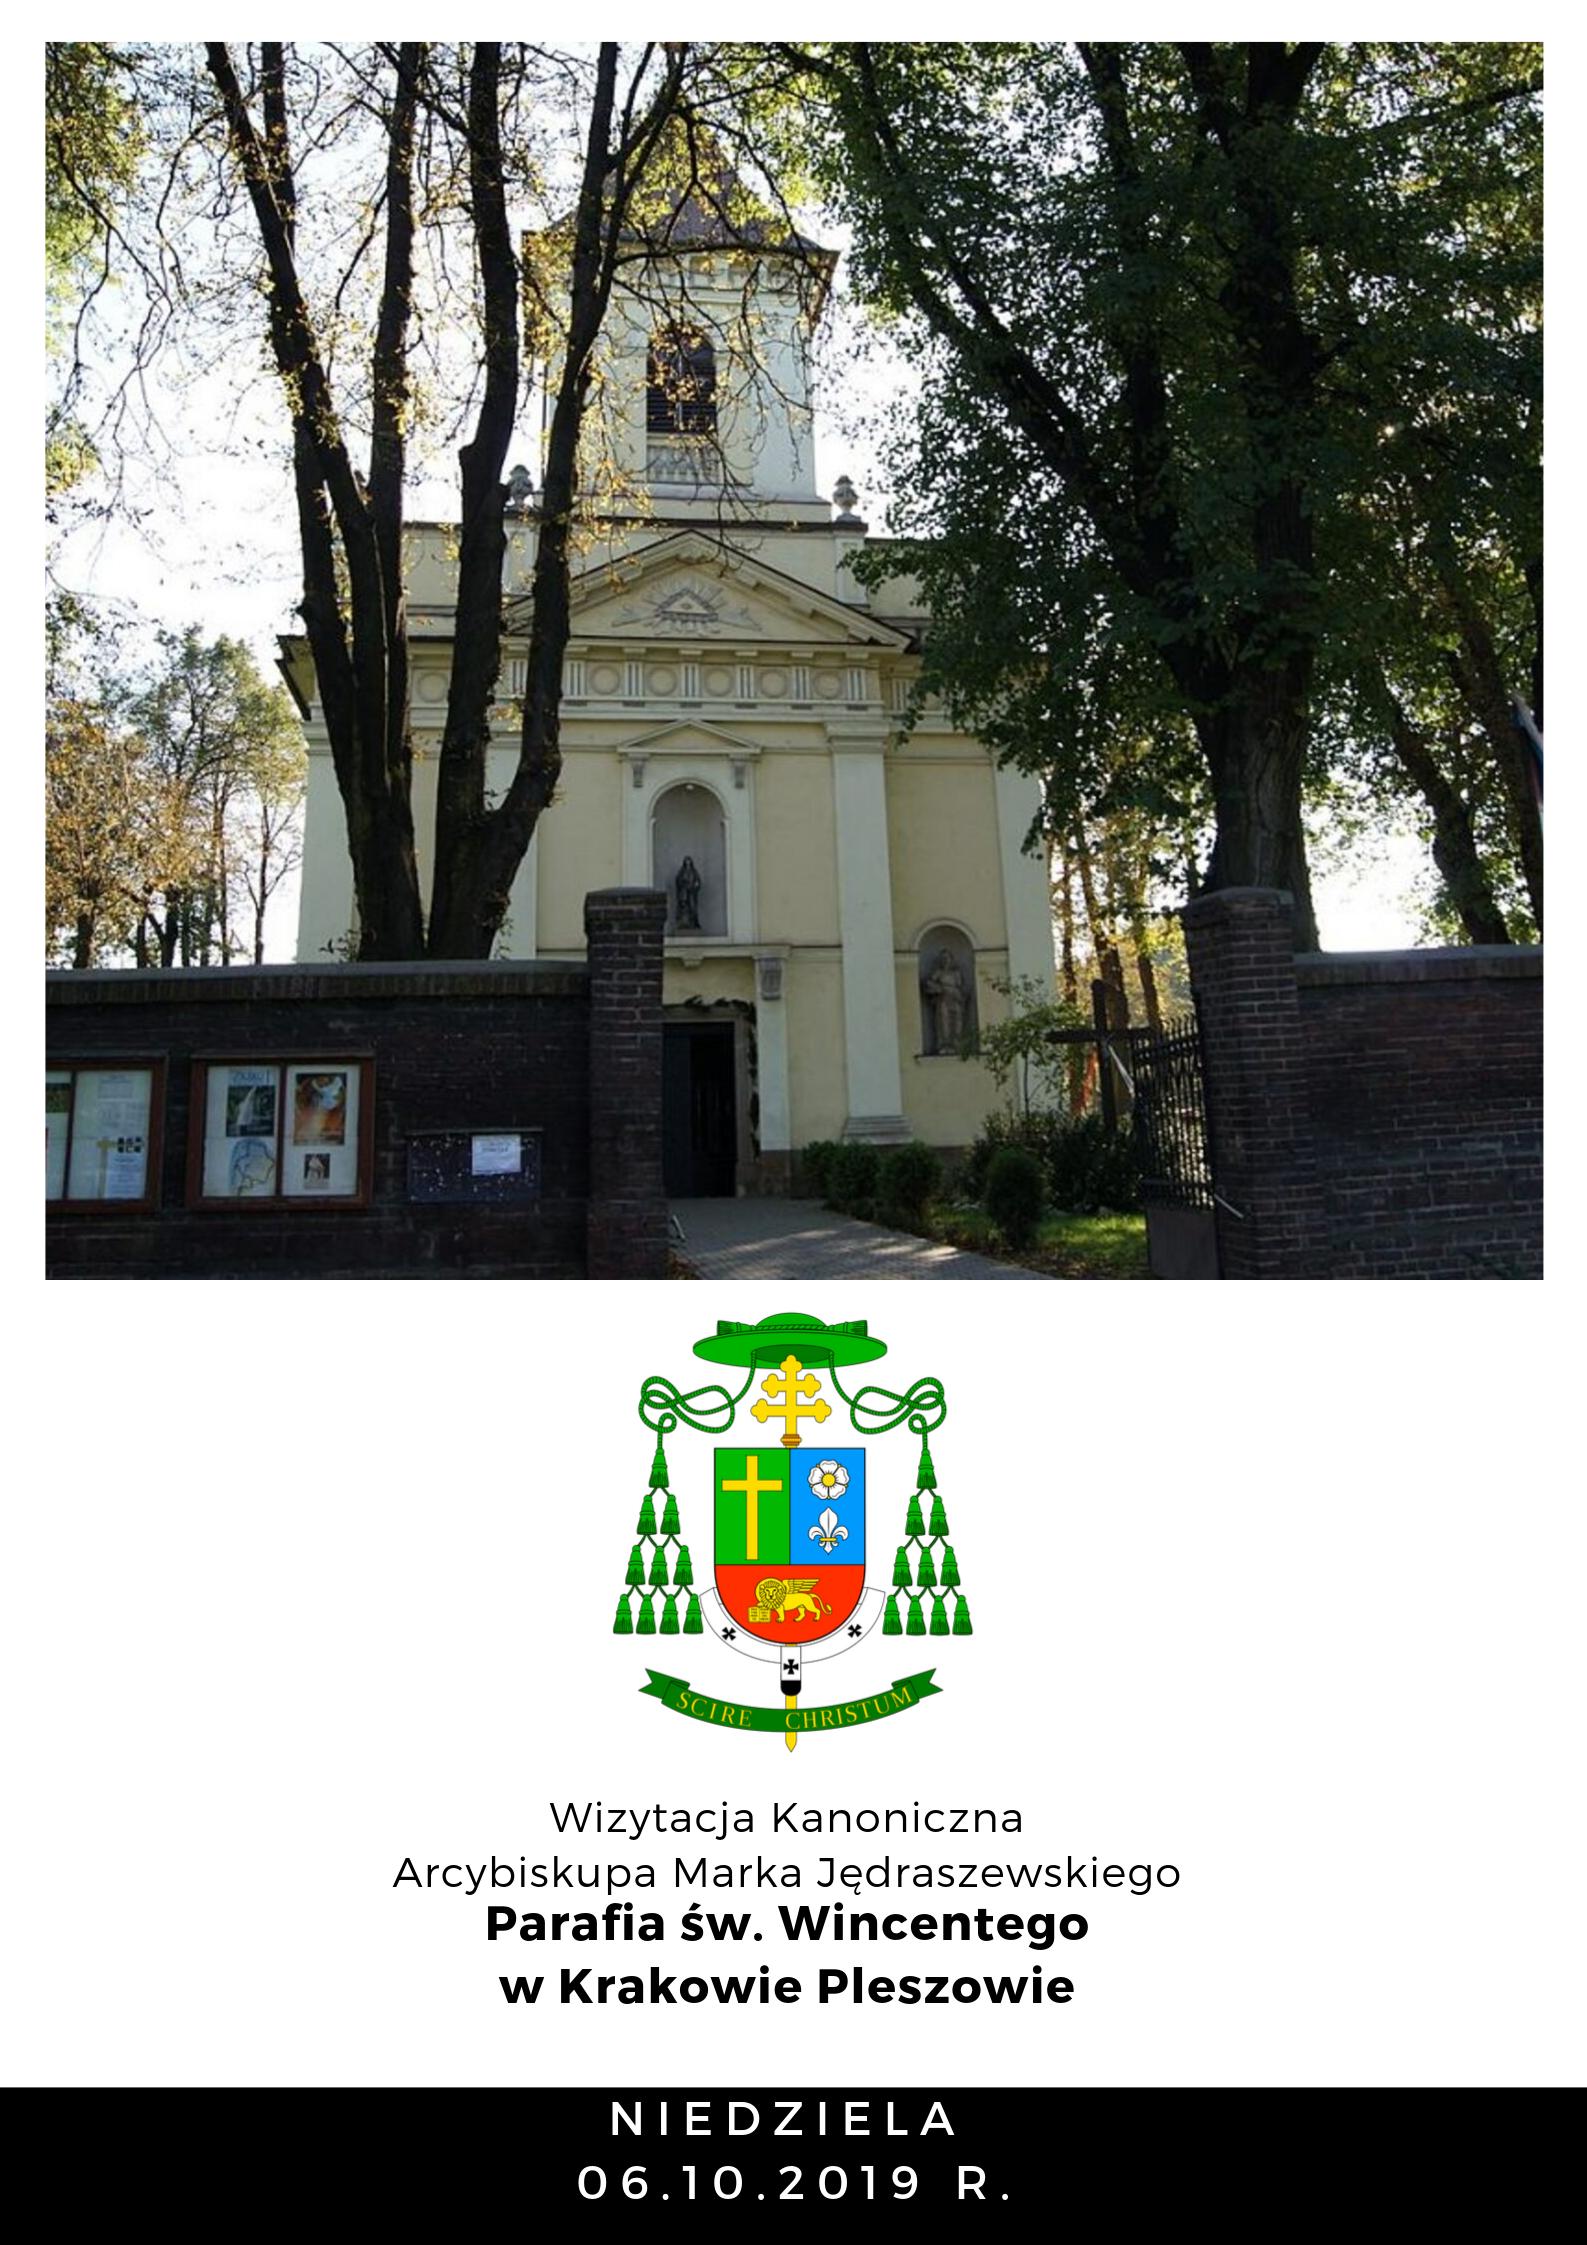 Wizytacja kanoniczna Parafia pw. św. Wincentego w Krakowie – Pleszowie